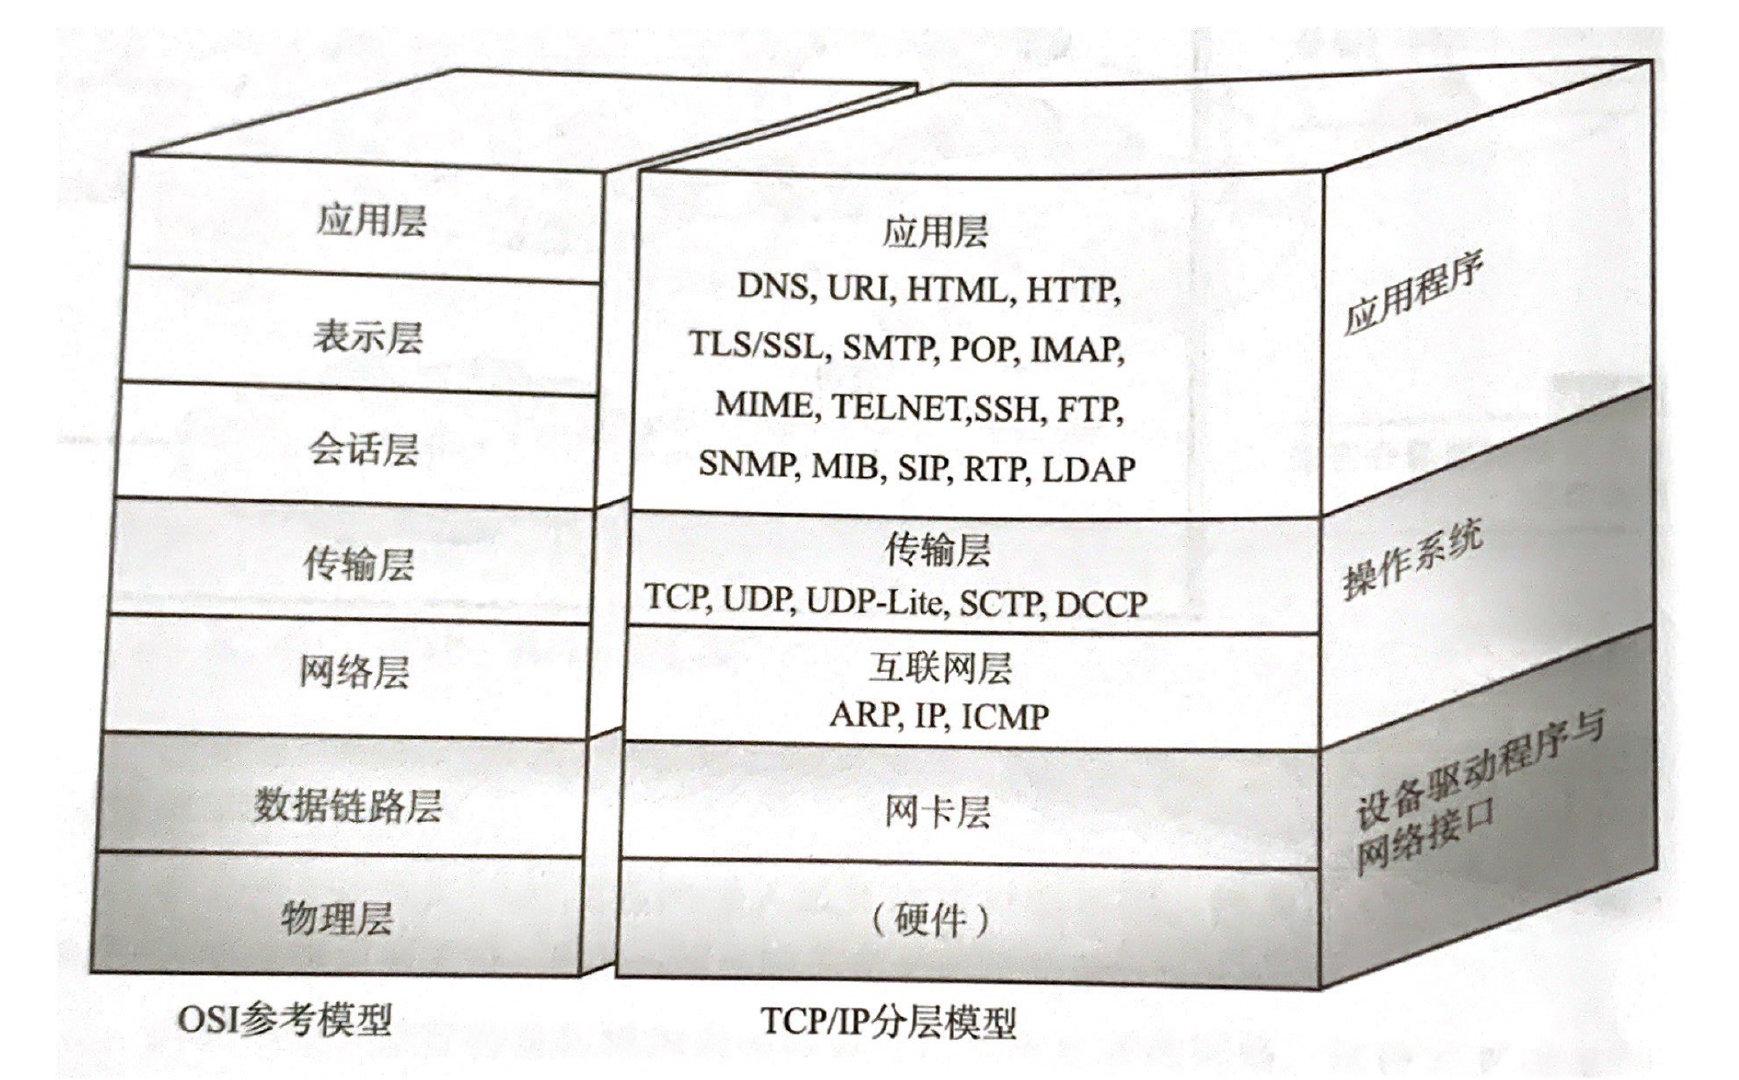 ip协议作用于什么层_TCP/IP入土指南_小林夕-CSDN博客_表示层的作用就是将数据的计算机 ...